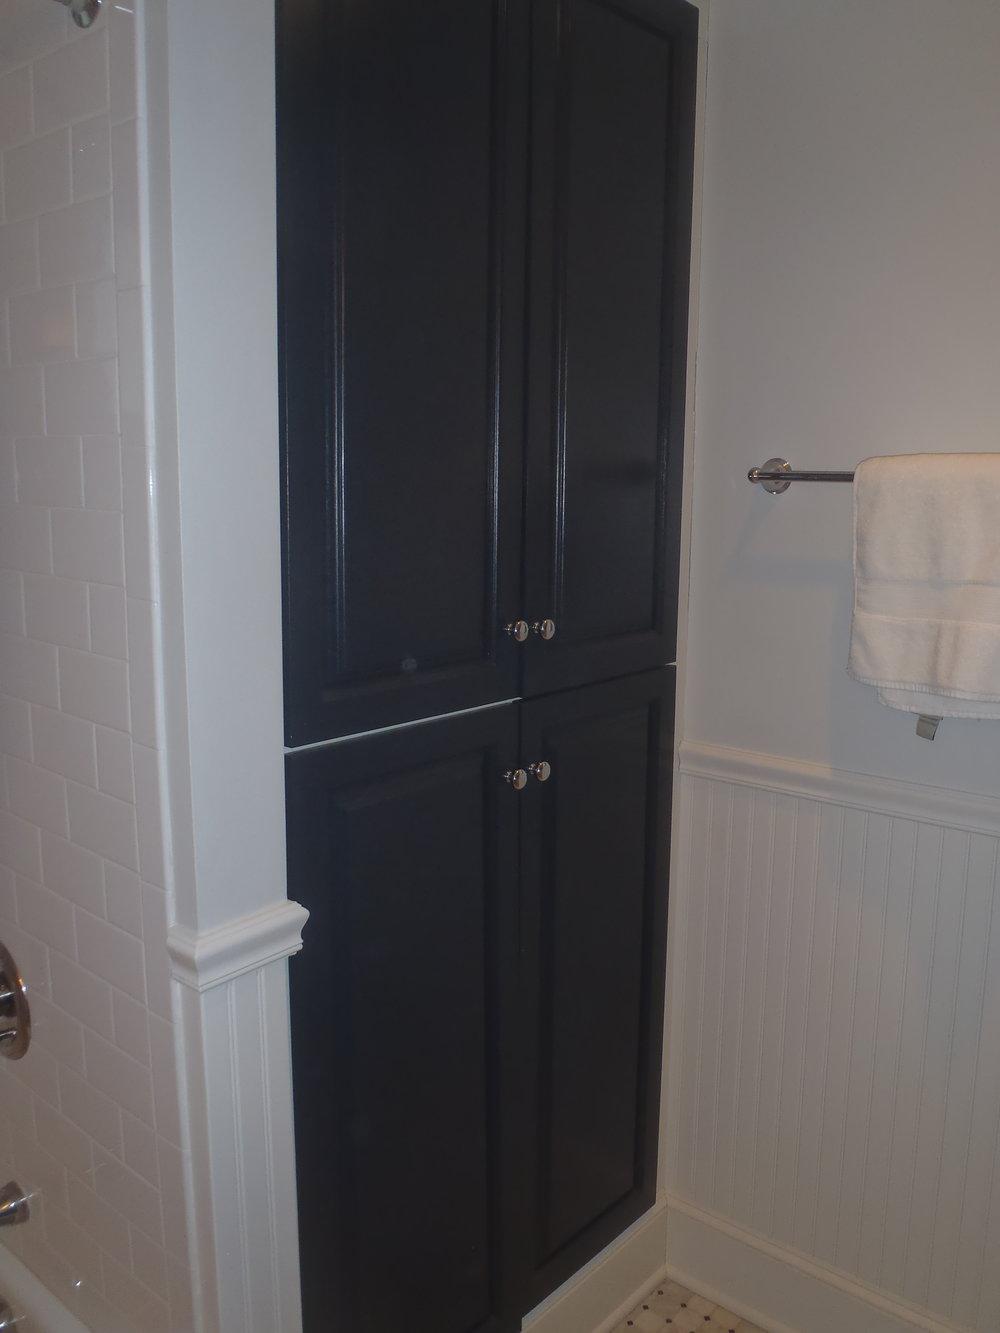 Bathroom Linen Closet Built-in